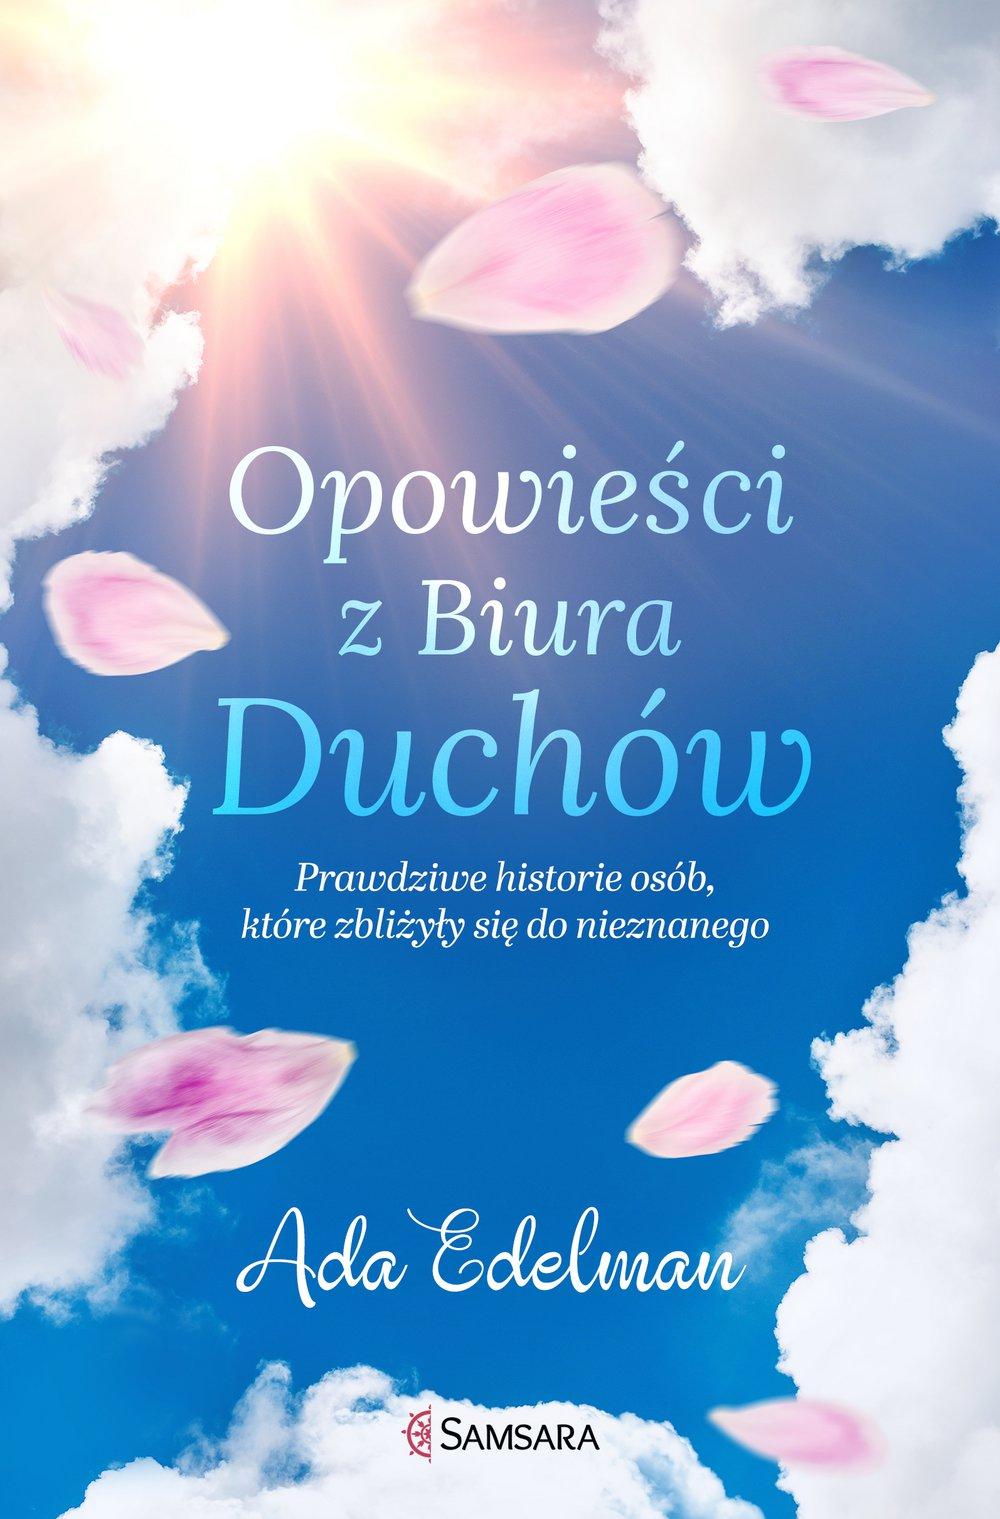 Opowieści z Biura Duchów. Prawdziwe historie osób, które zbliżyły się do nieznanego - Ebook (Książka na Kindle) do pobrania w formacie MOBI